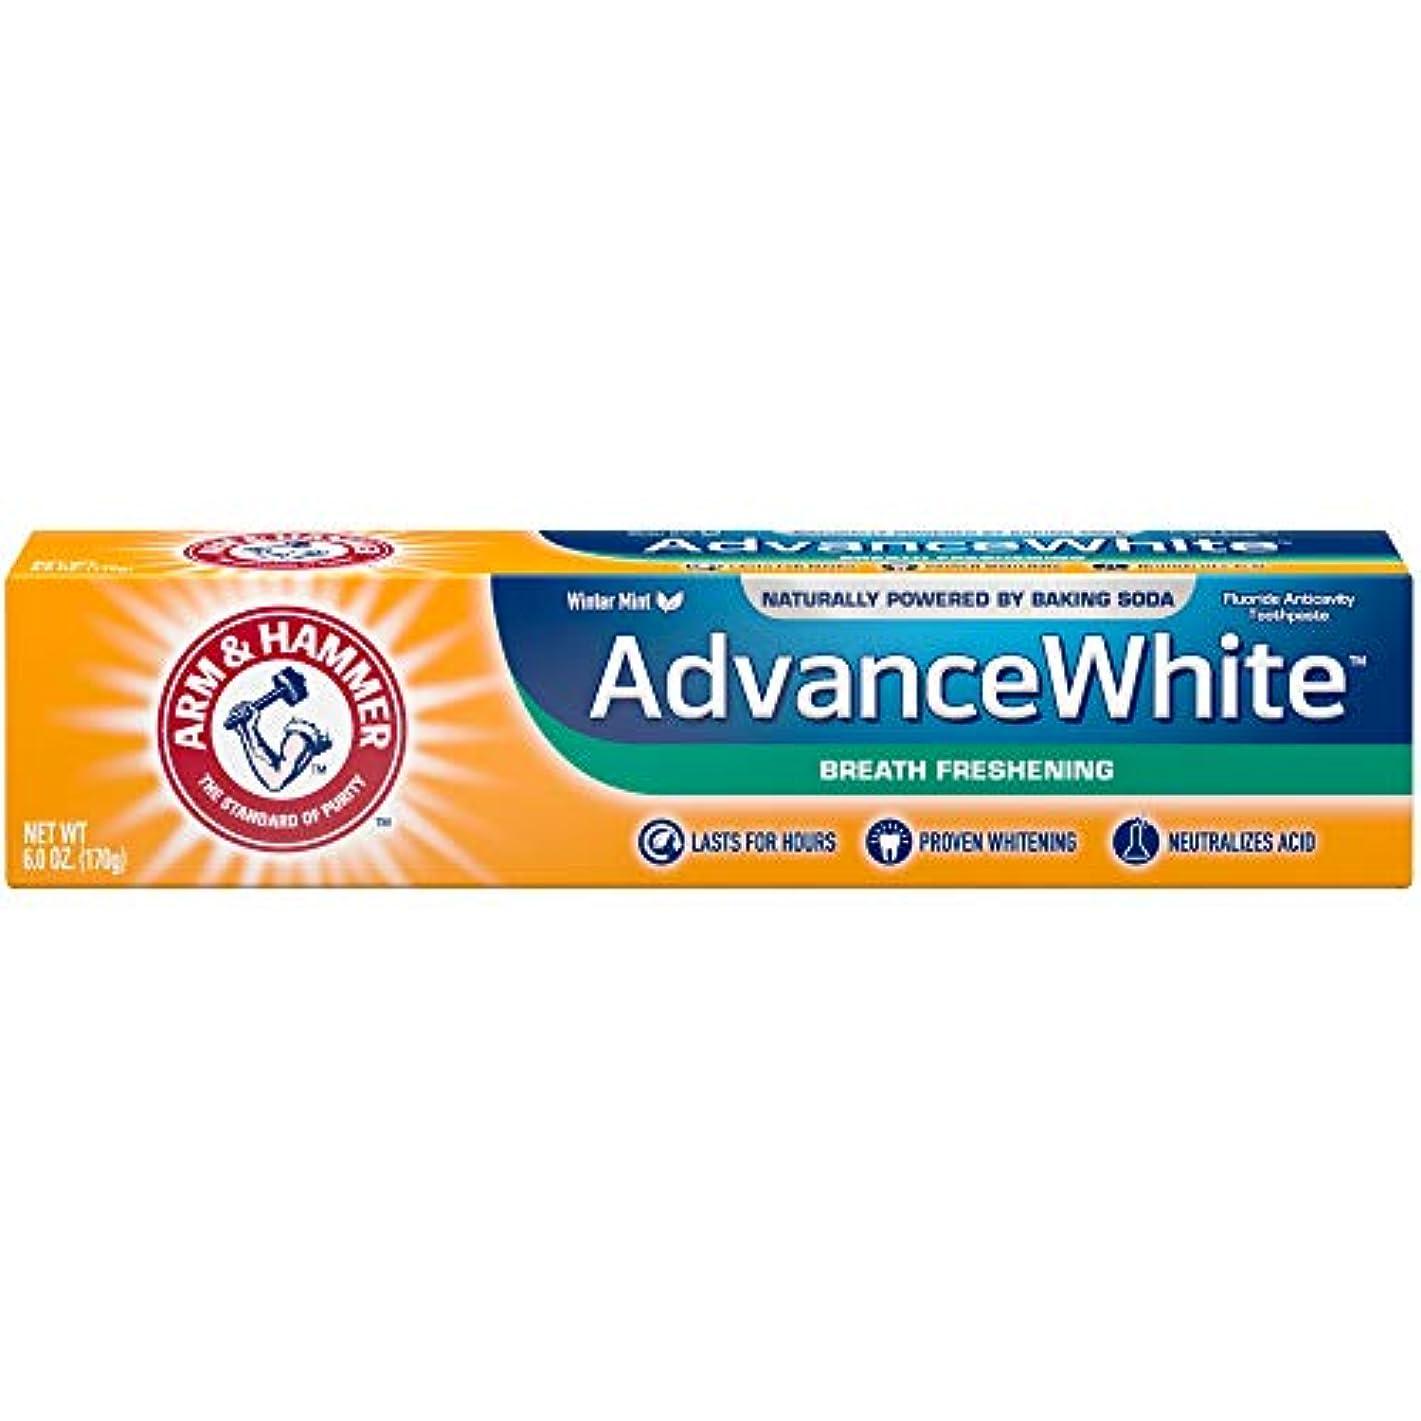 貨物詐欺オーケストラアーム&ハマー アドバンス ホワイト 歯磨き粉 ブレス フレッシュニング 170g Advance White Breath Freshing Baking Soda & Frosted Mint